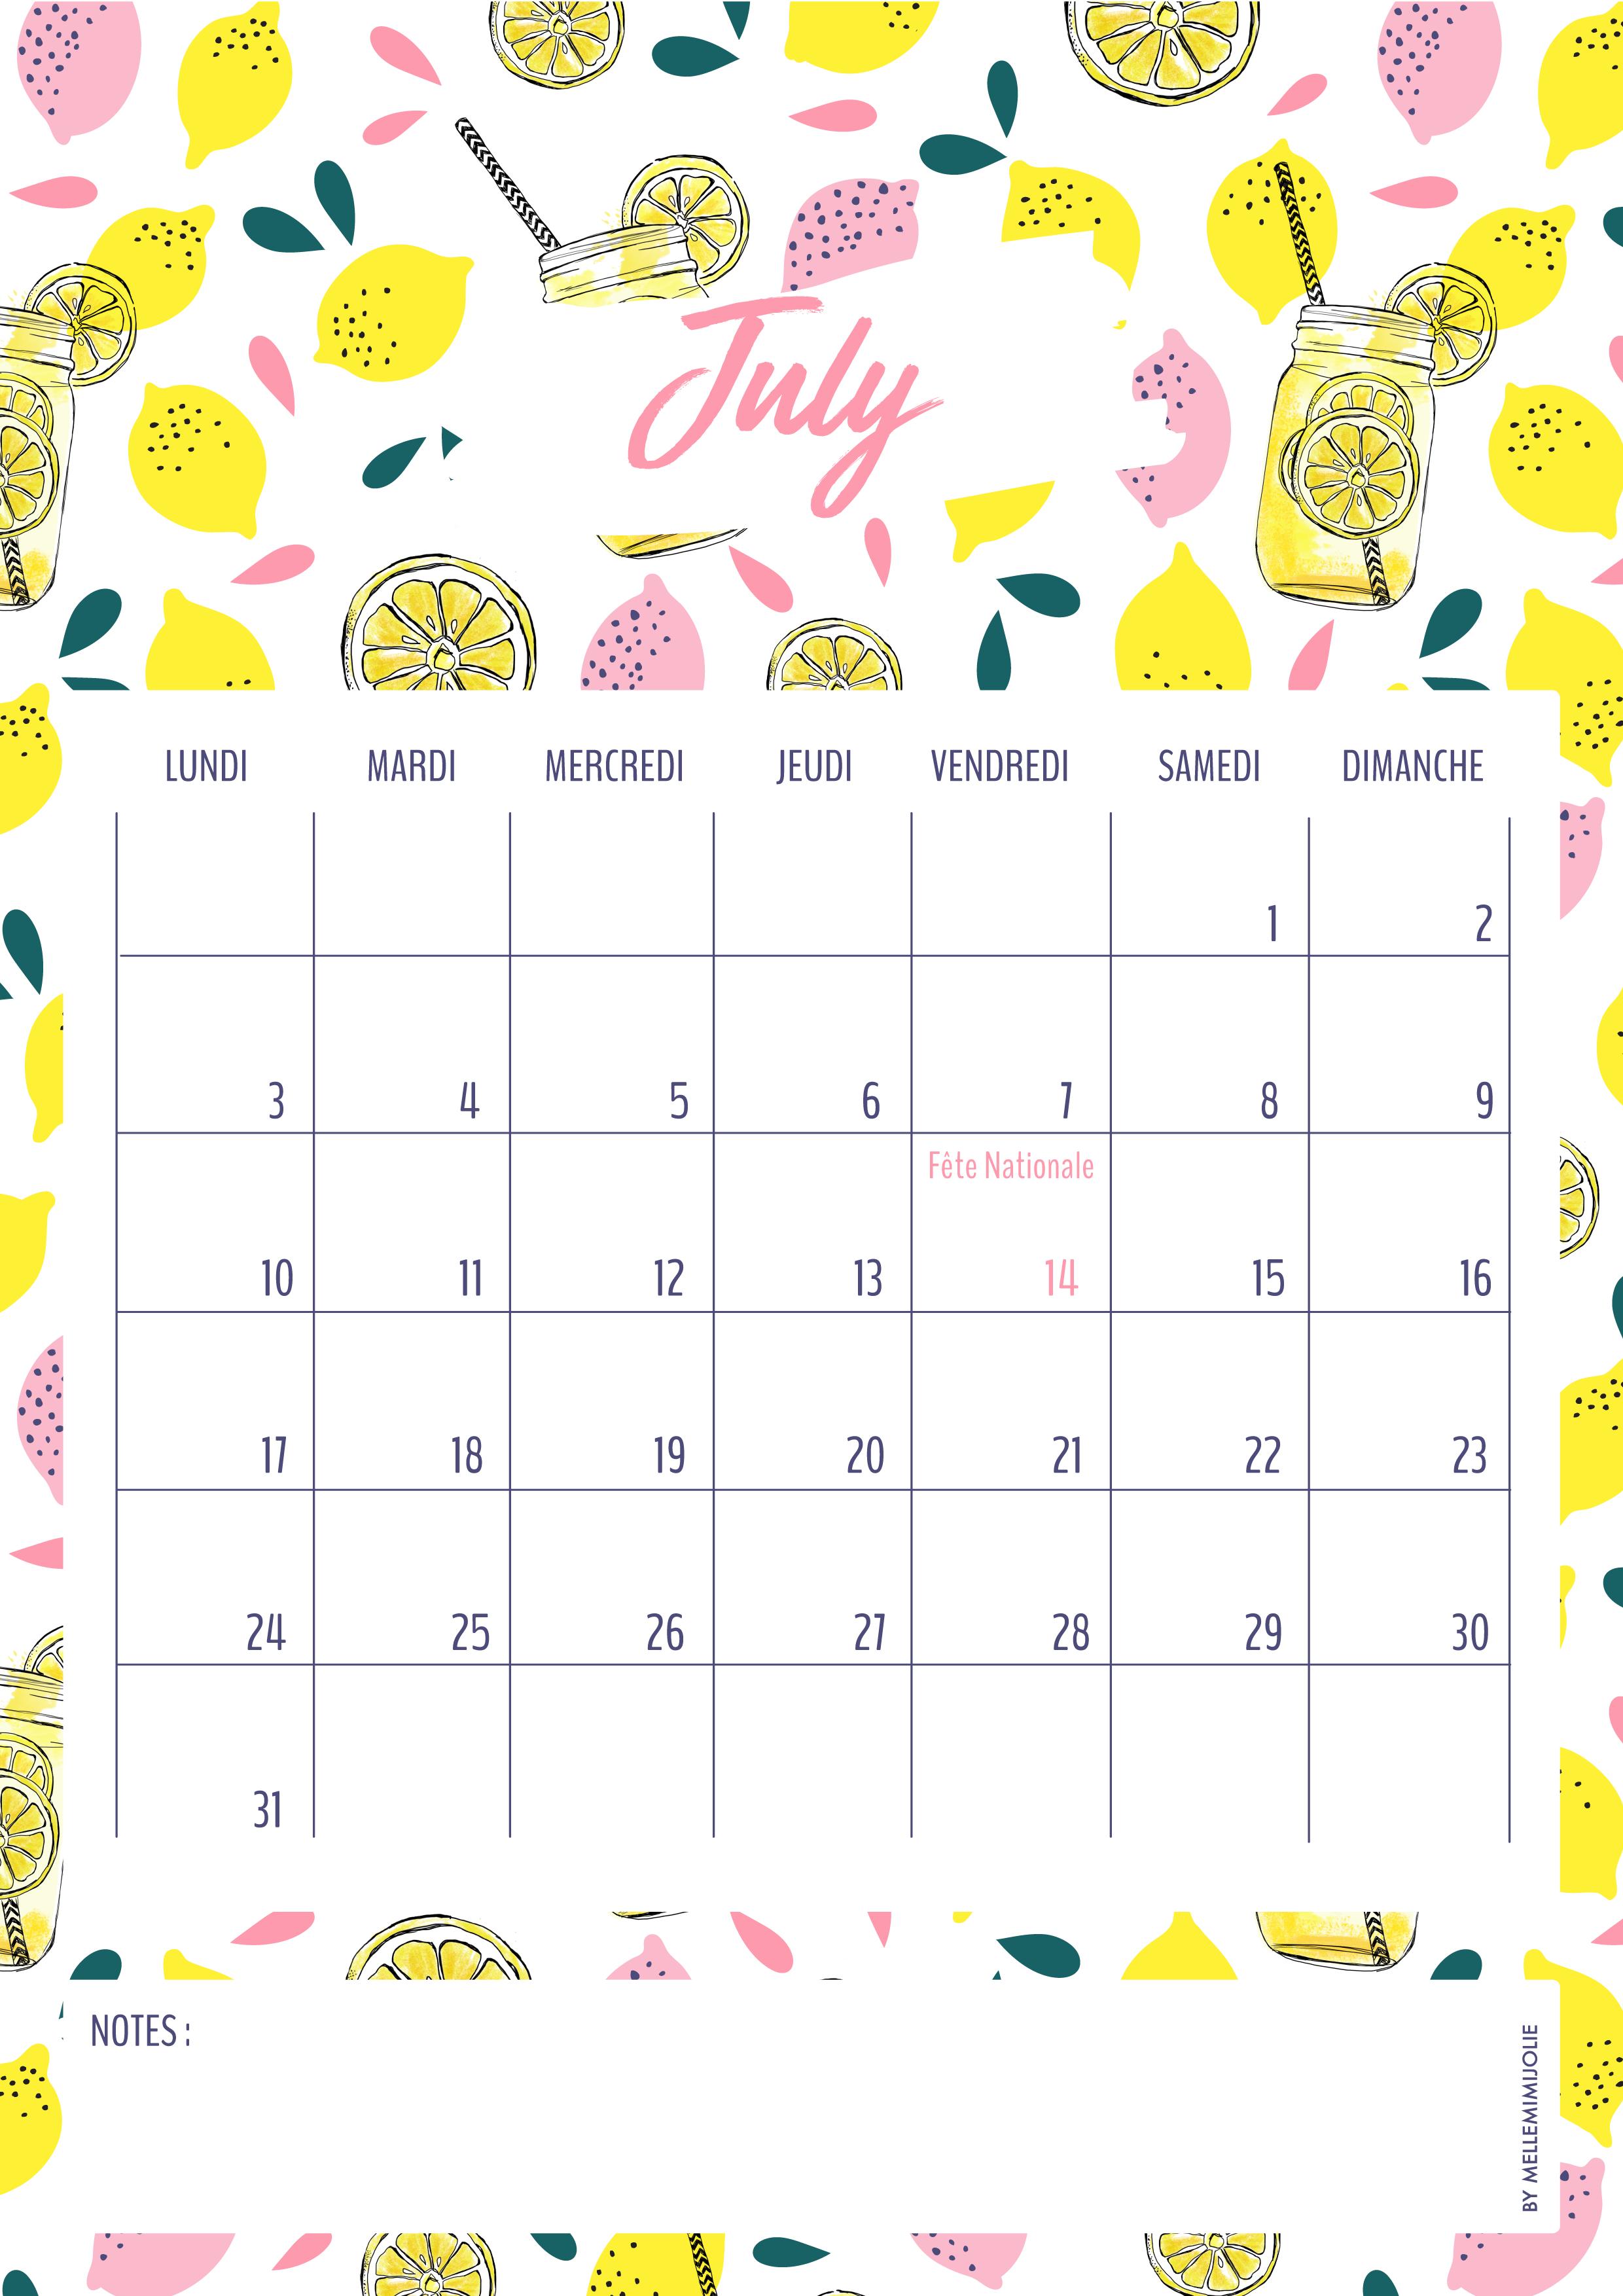 le calendrier de juillet